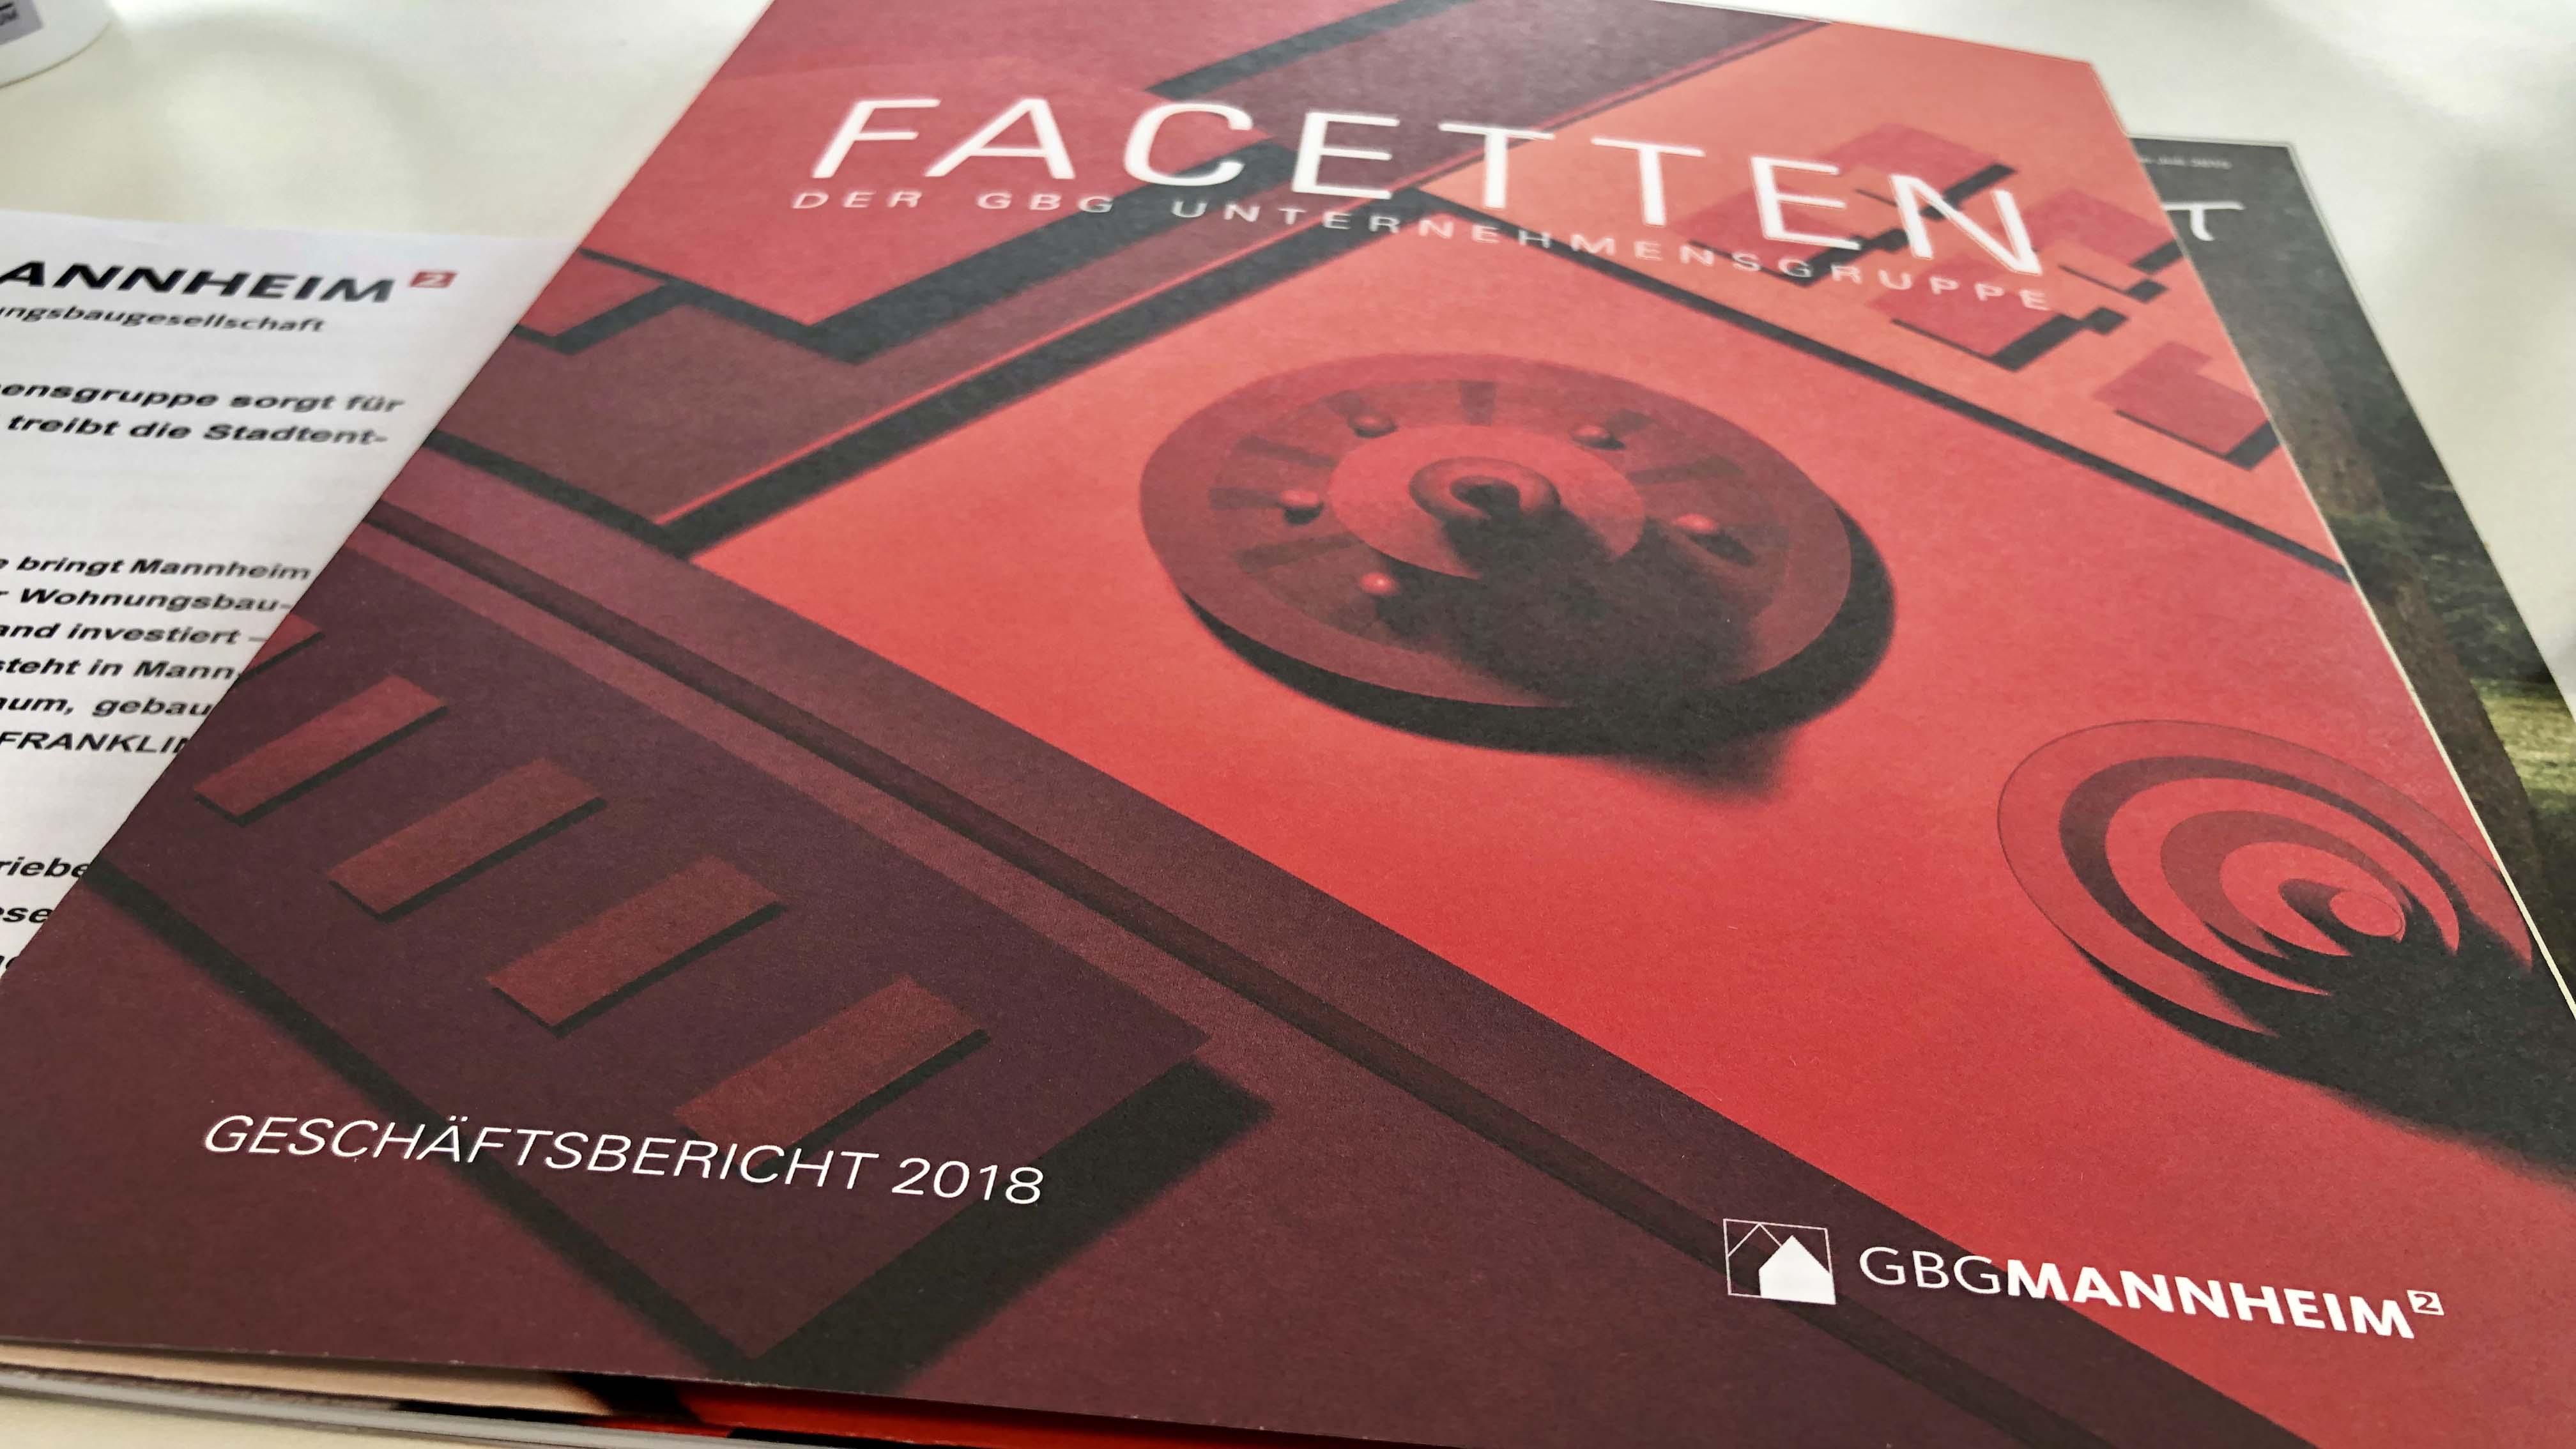 Die GBG-Gruppe stellte ihren Geschäftsbericht für das Jahr 2018 vor | Foto: M. Schülke